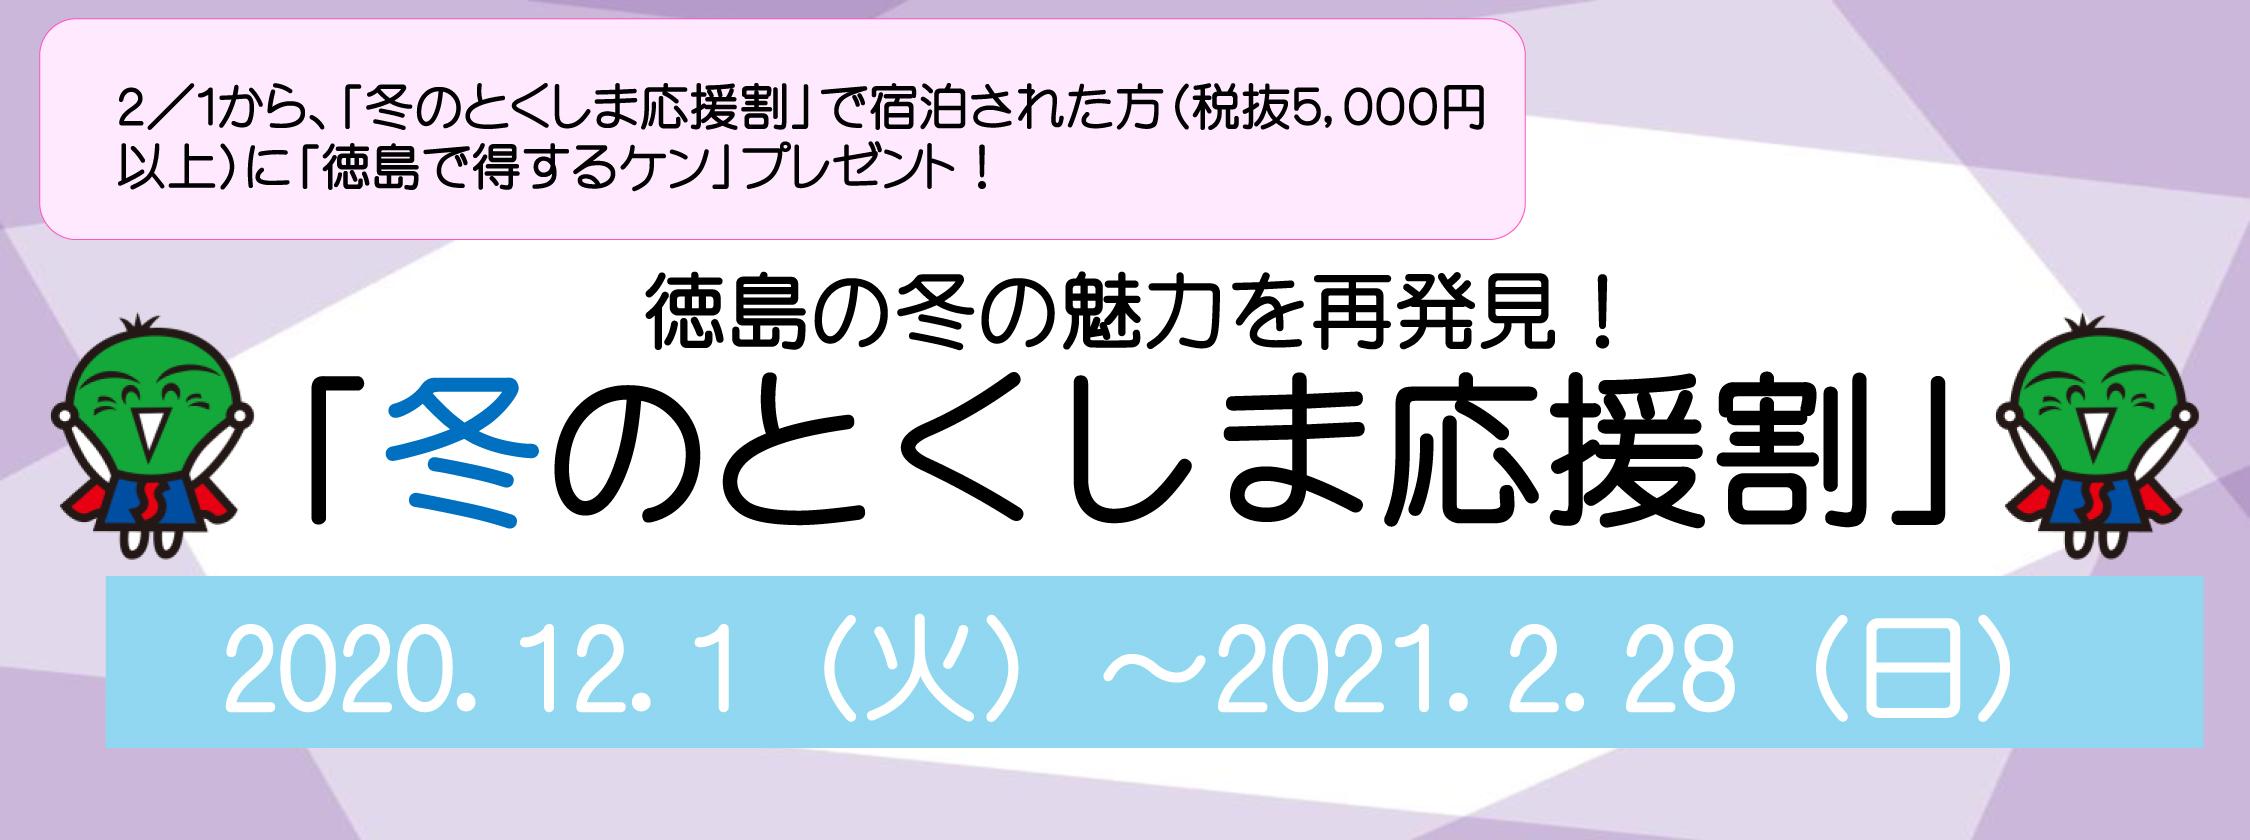 【冬の徳島応援割】【徳島得するケン】2/1~2/28